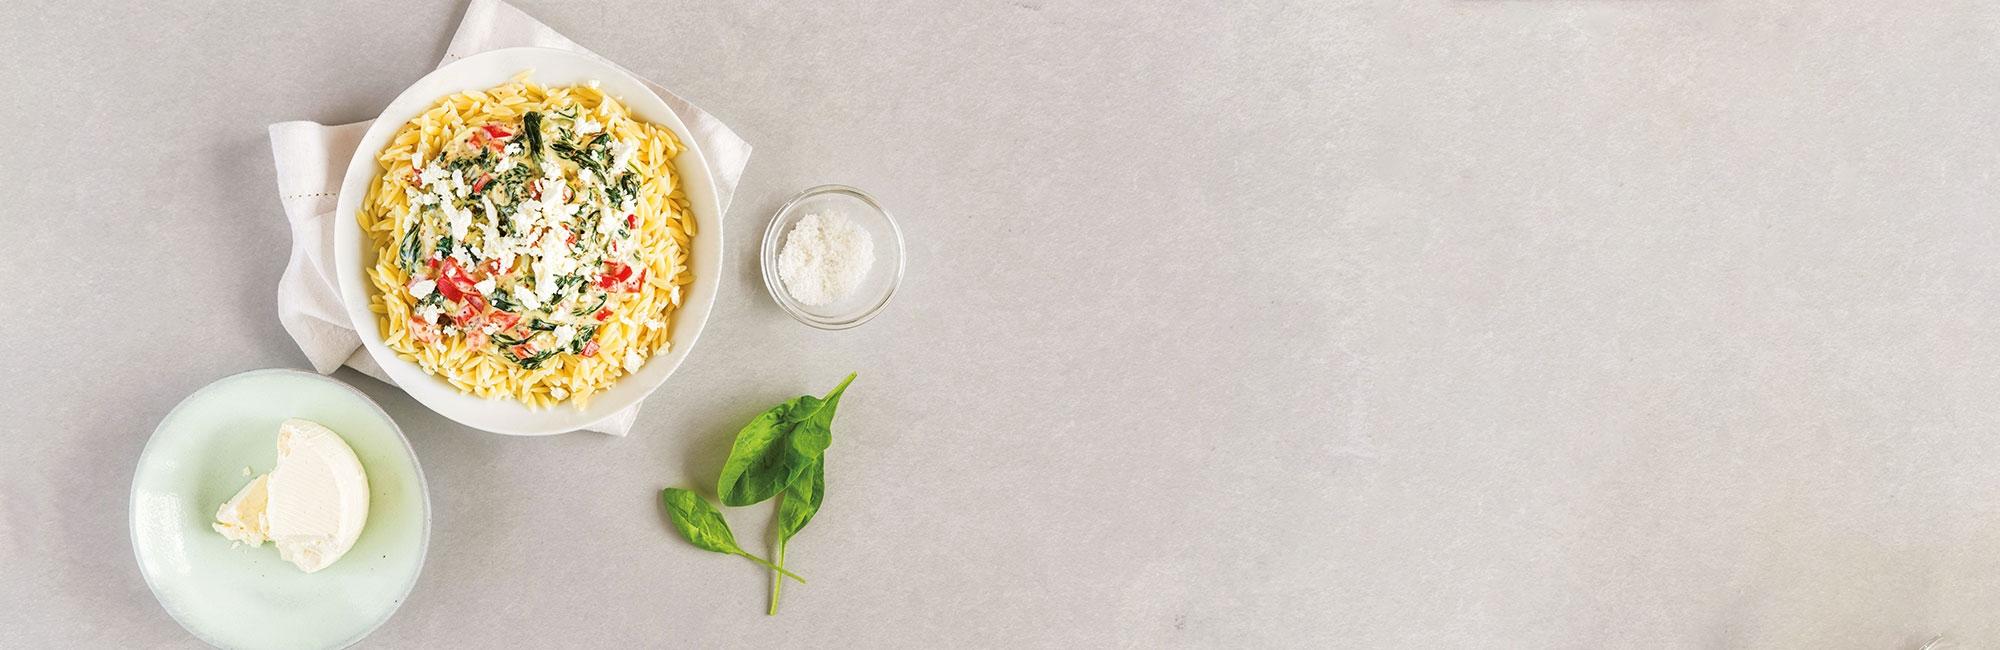 Pâtes grecques, sauce, basilic, fromage, épinards